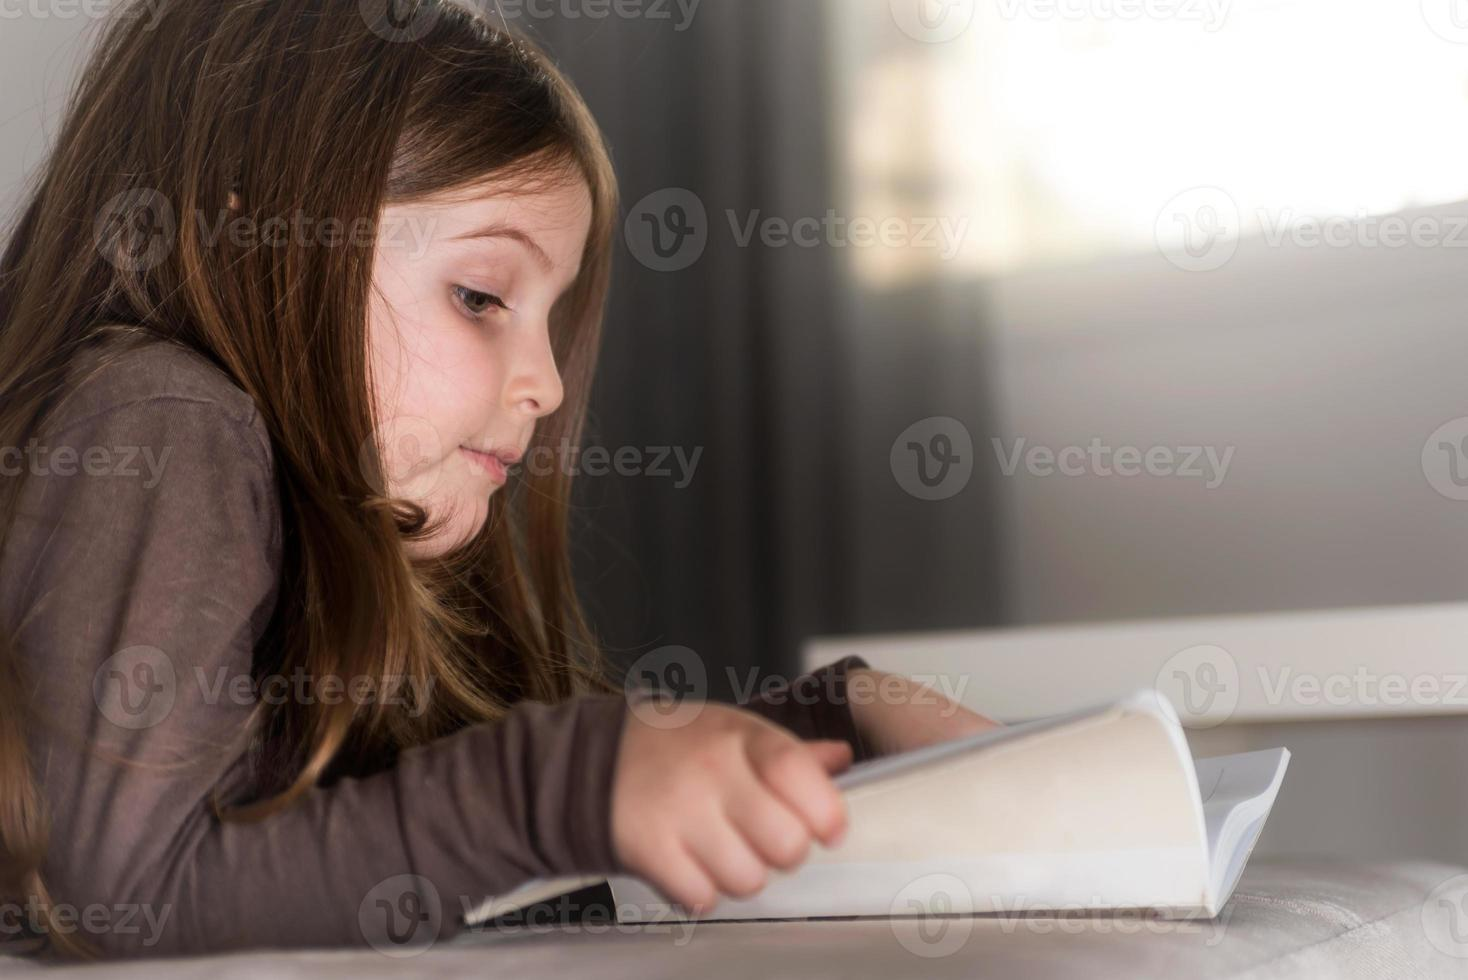 Jolie fille aux cheveux bruns lisant un livre à la maison photo